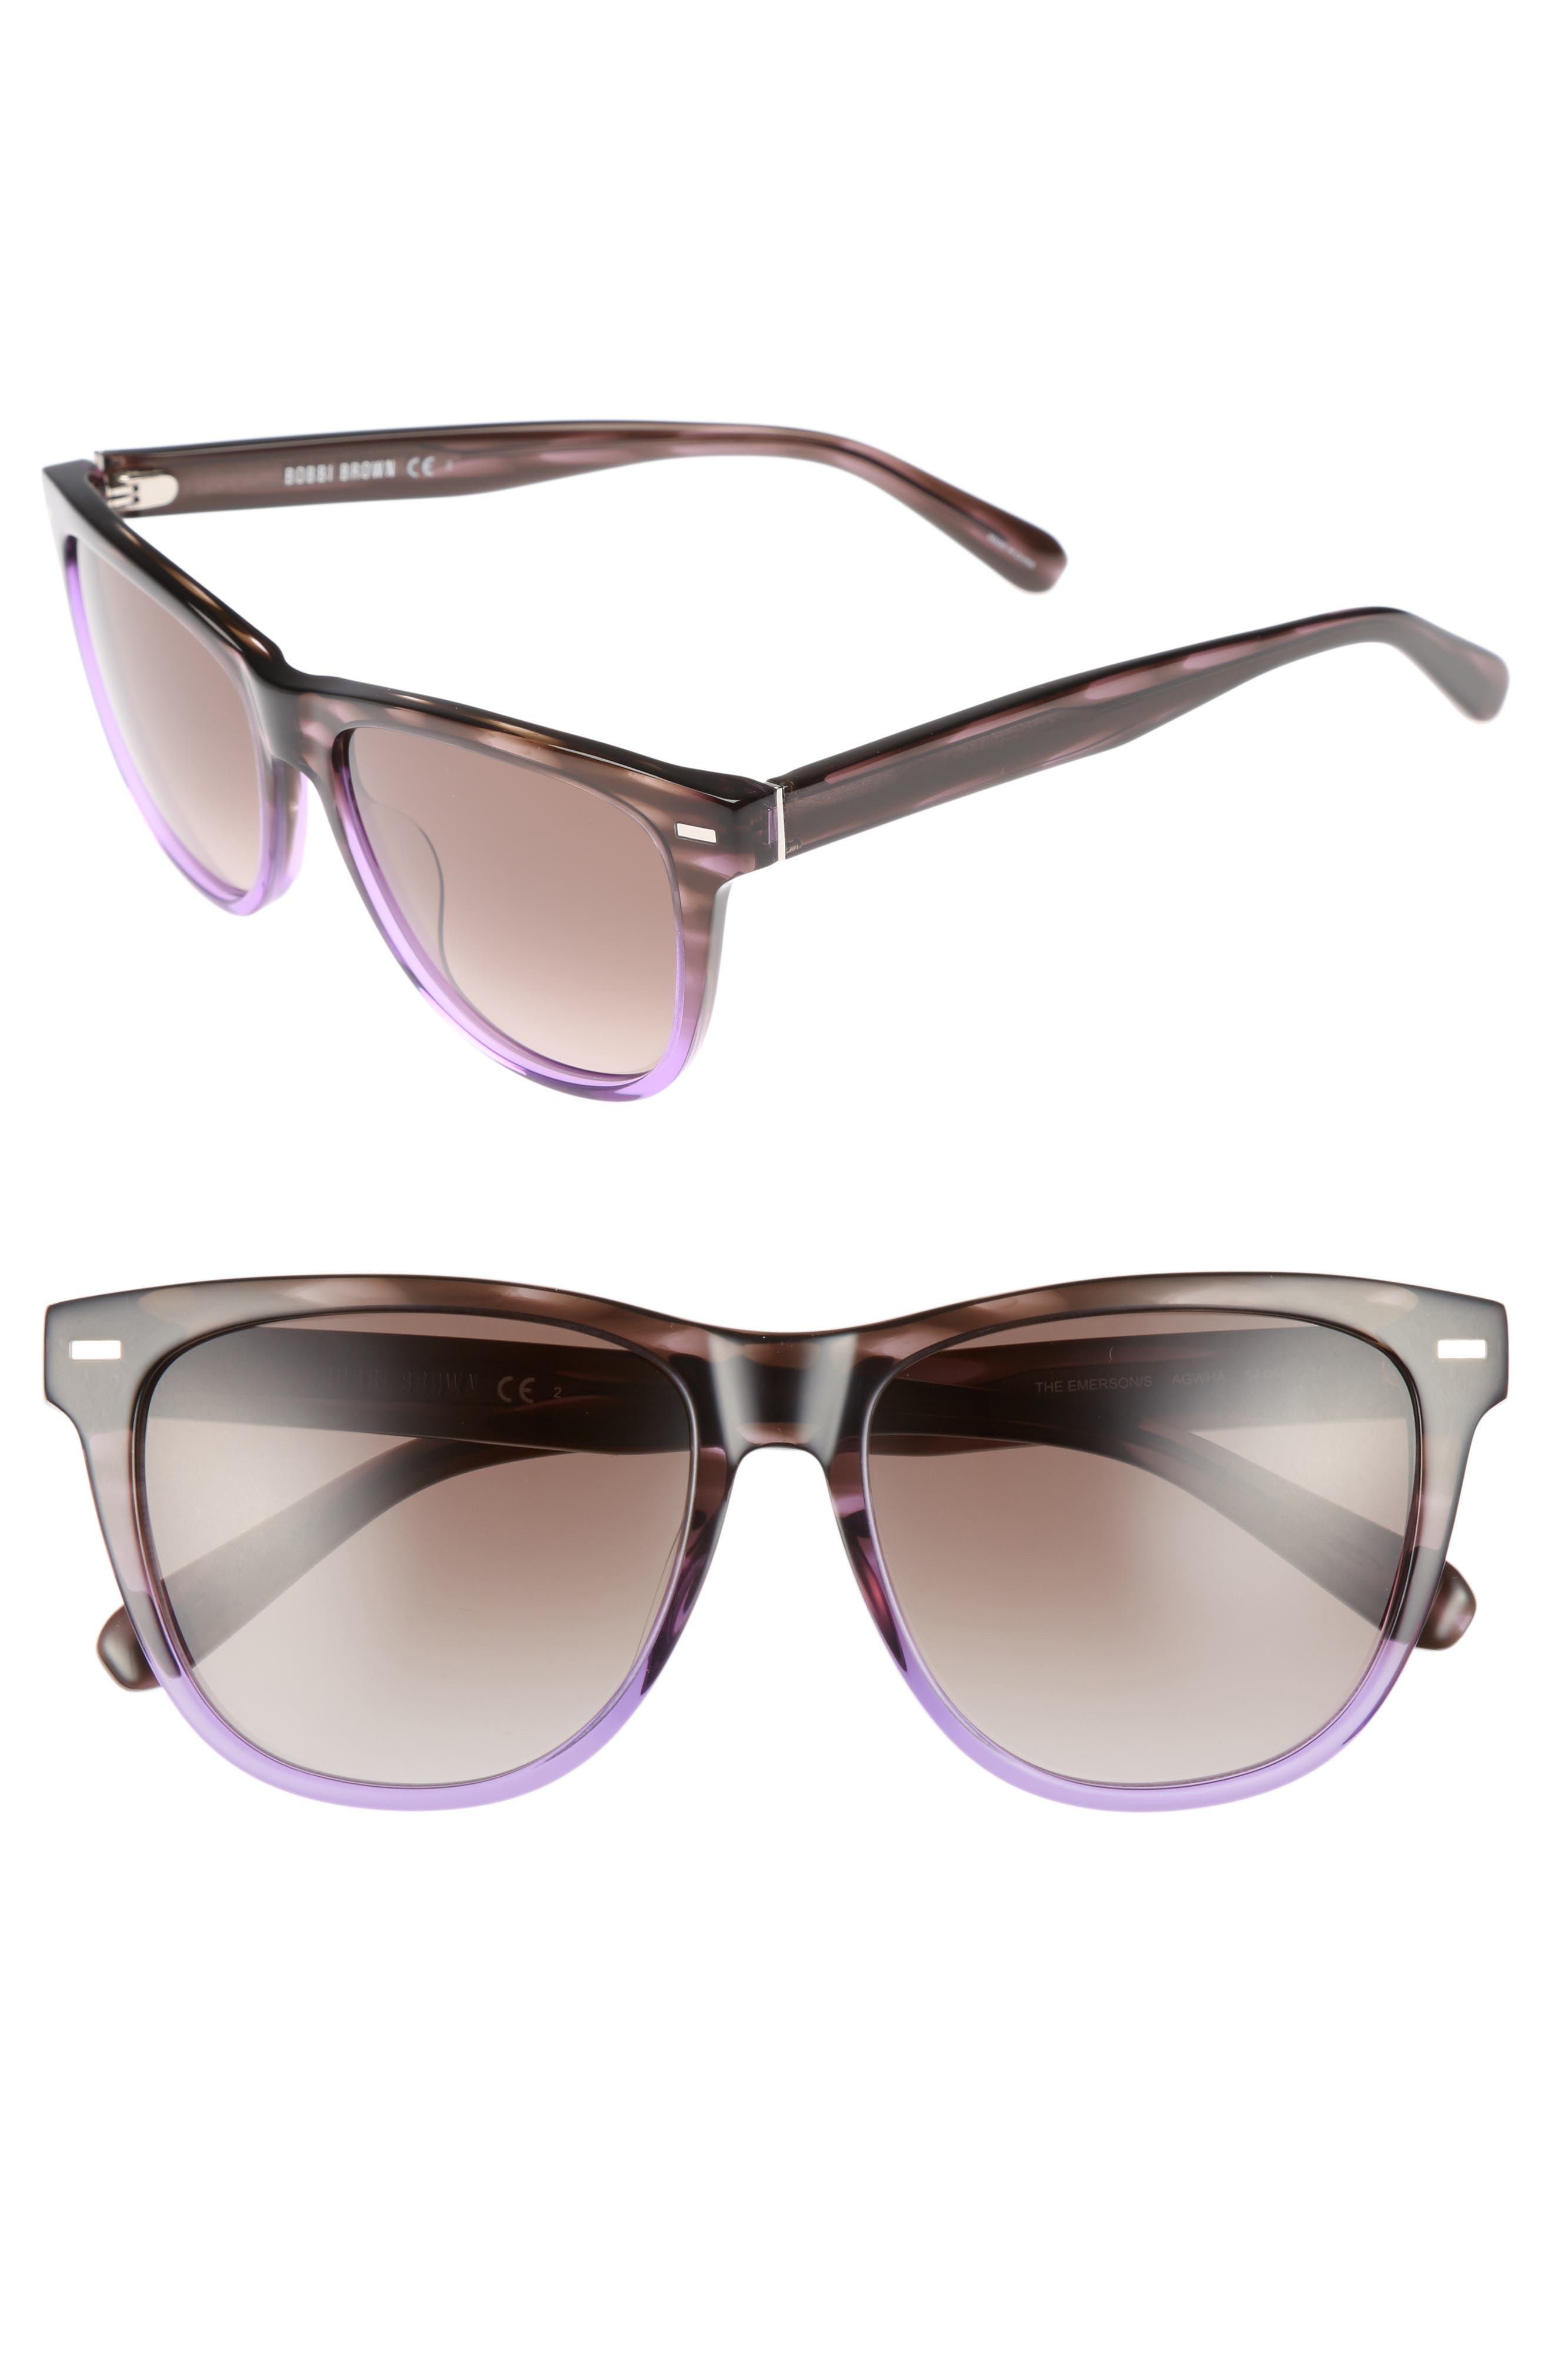 Bobbi Brown The Emerson 54mm Sunglasses